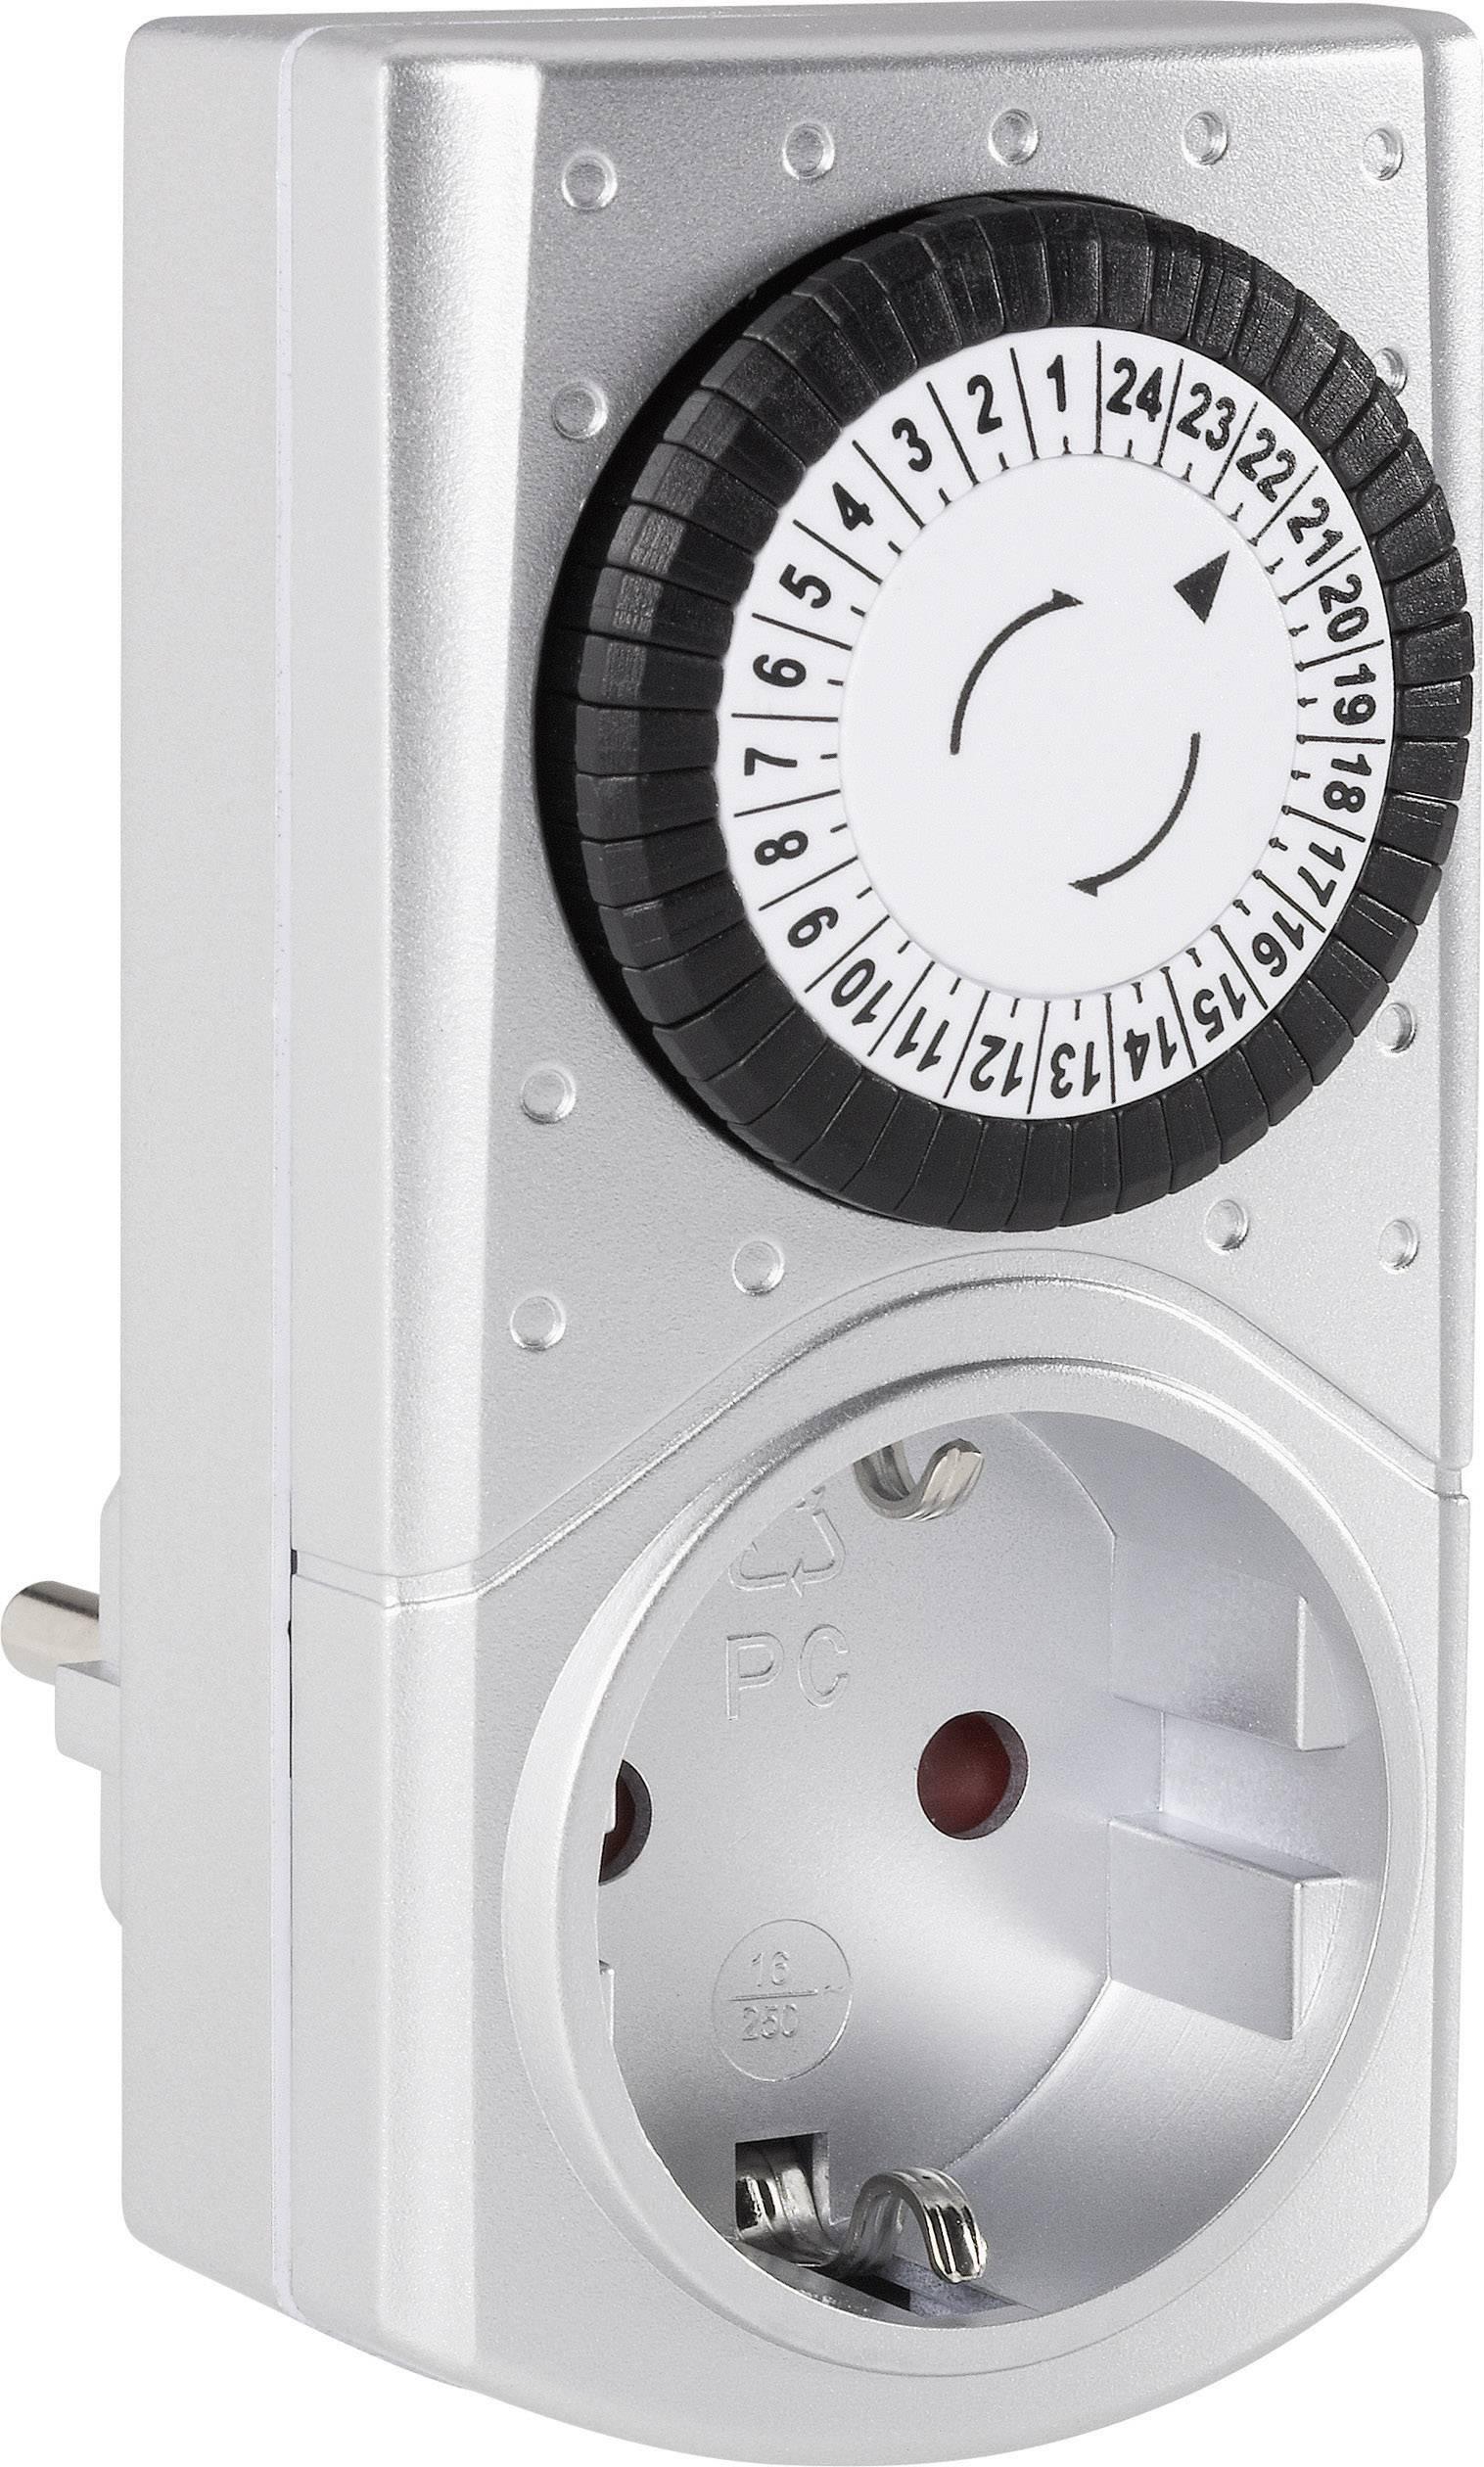 GAO 17SWD//3A Steckdosen-Zeitschaltuhr analog  Tagesprogramm  3680 W IP20